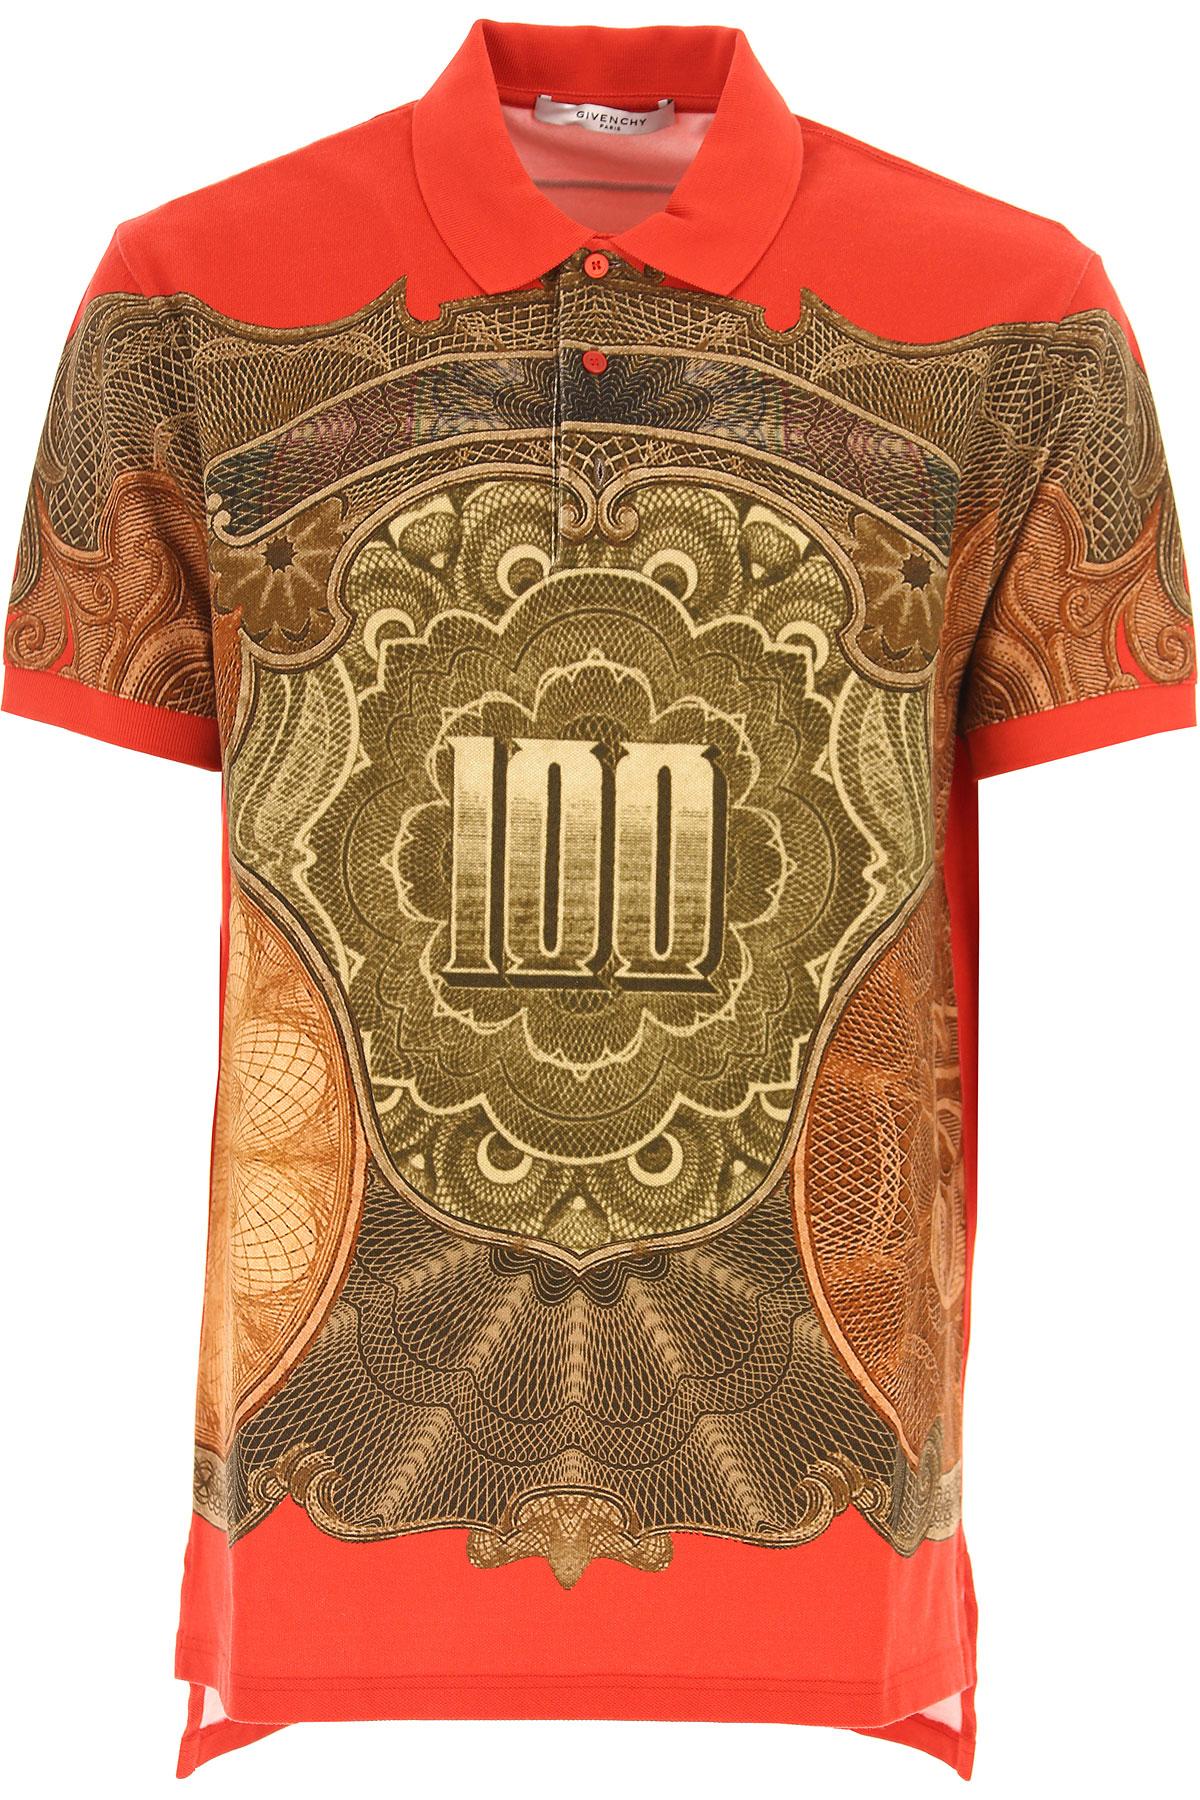 3b8d9e53a2 Givenchy Polo triko pro muže Ve výprodeji v Outletu